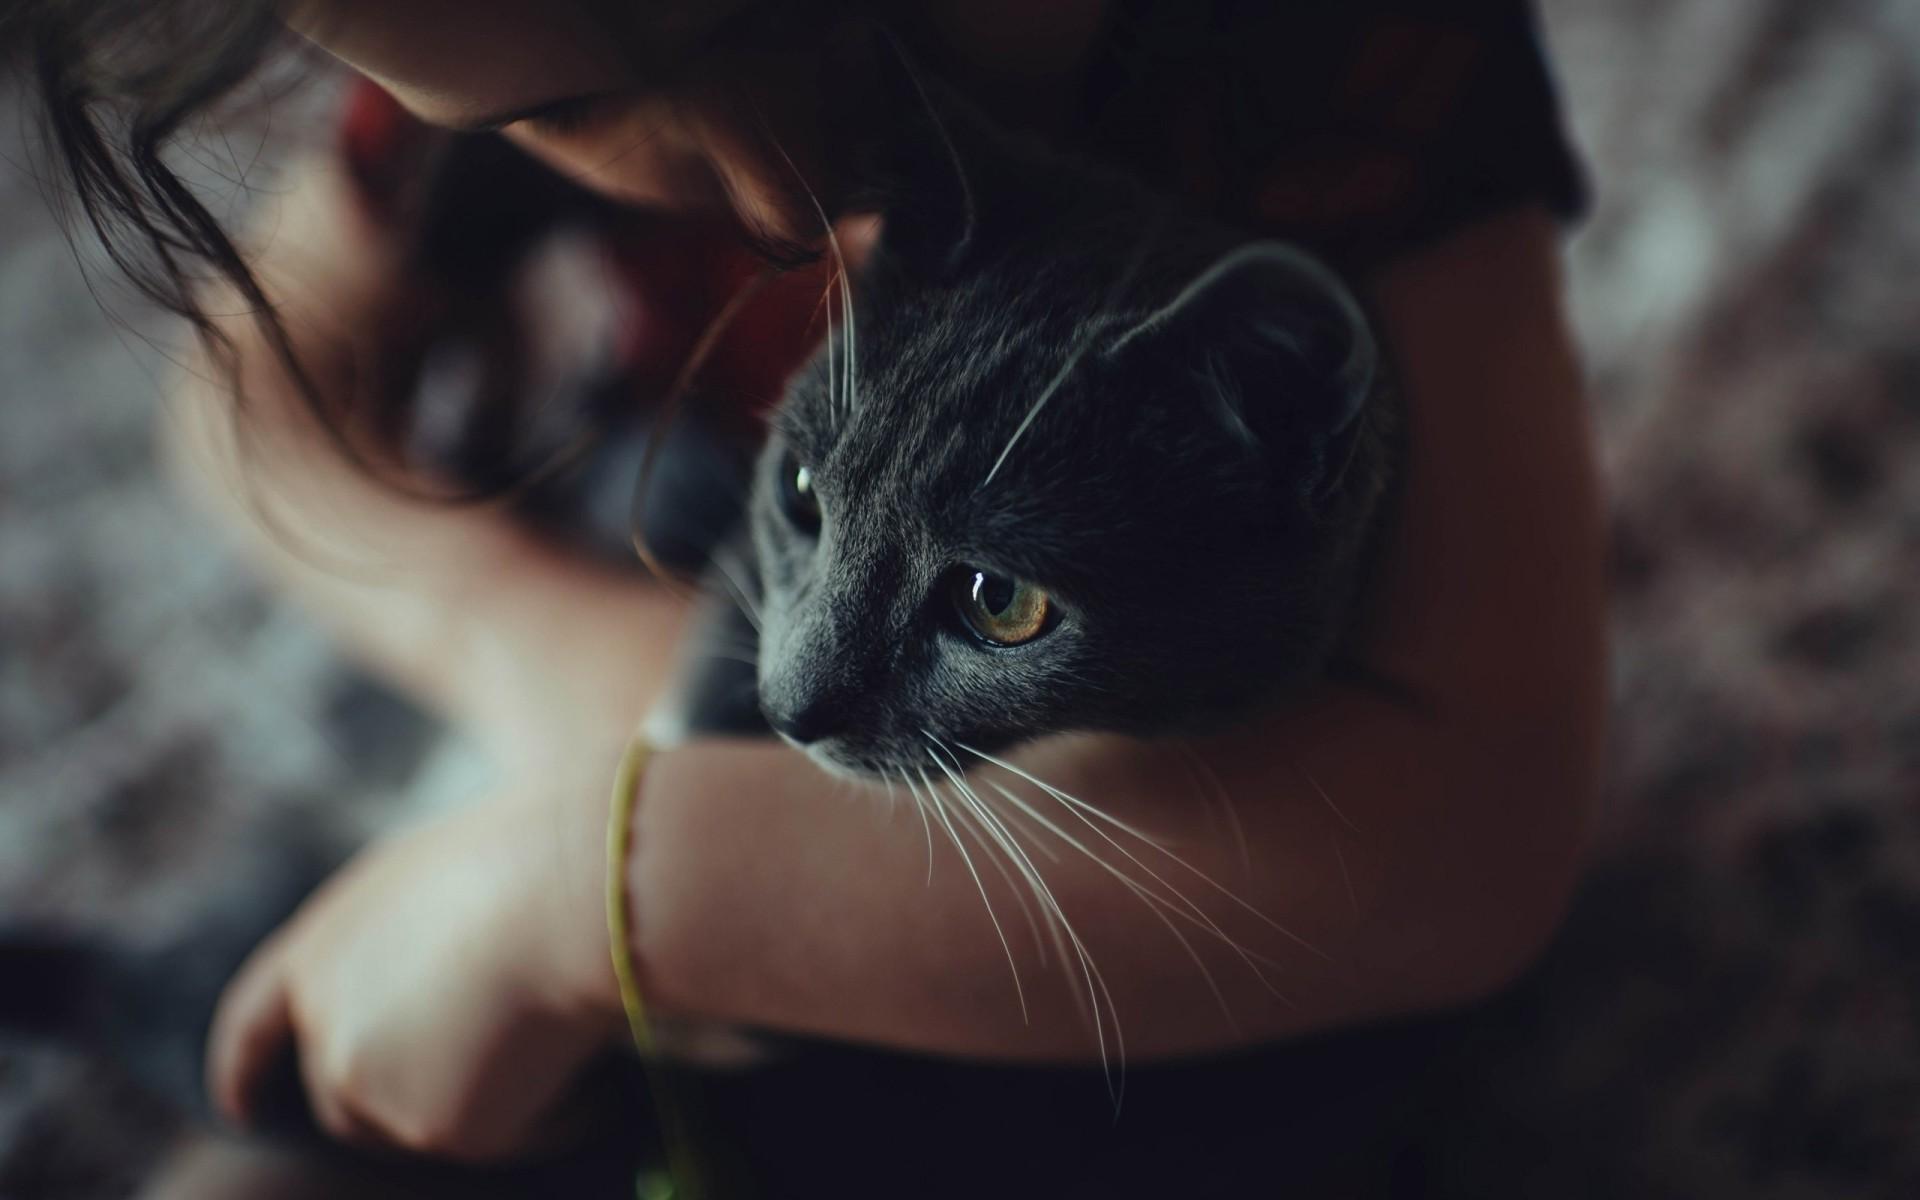 Анимационная картинка кошка с расческой уссурийску, продажа